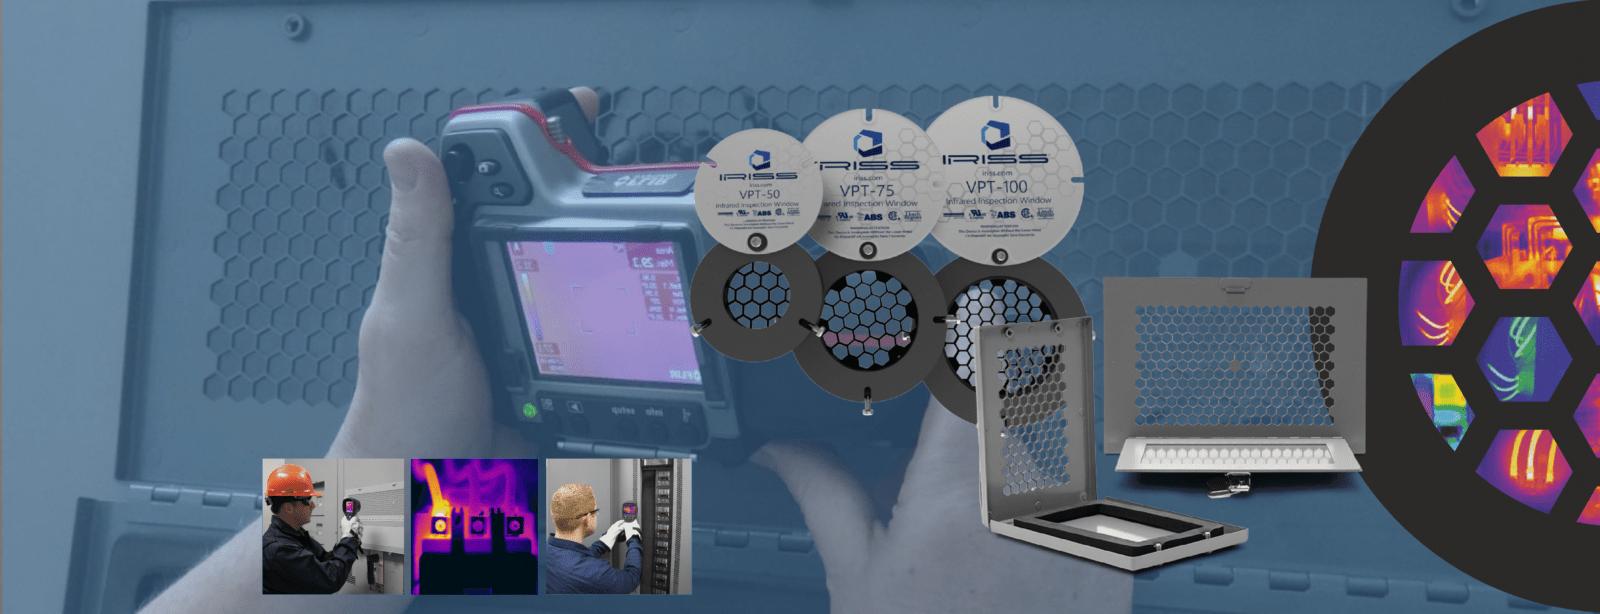 ИНФРАКРАСНЫЕ (ИК) ОКНА  –безопасный способ для тепловизионного мониторинга электрооборудования